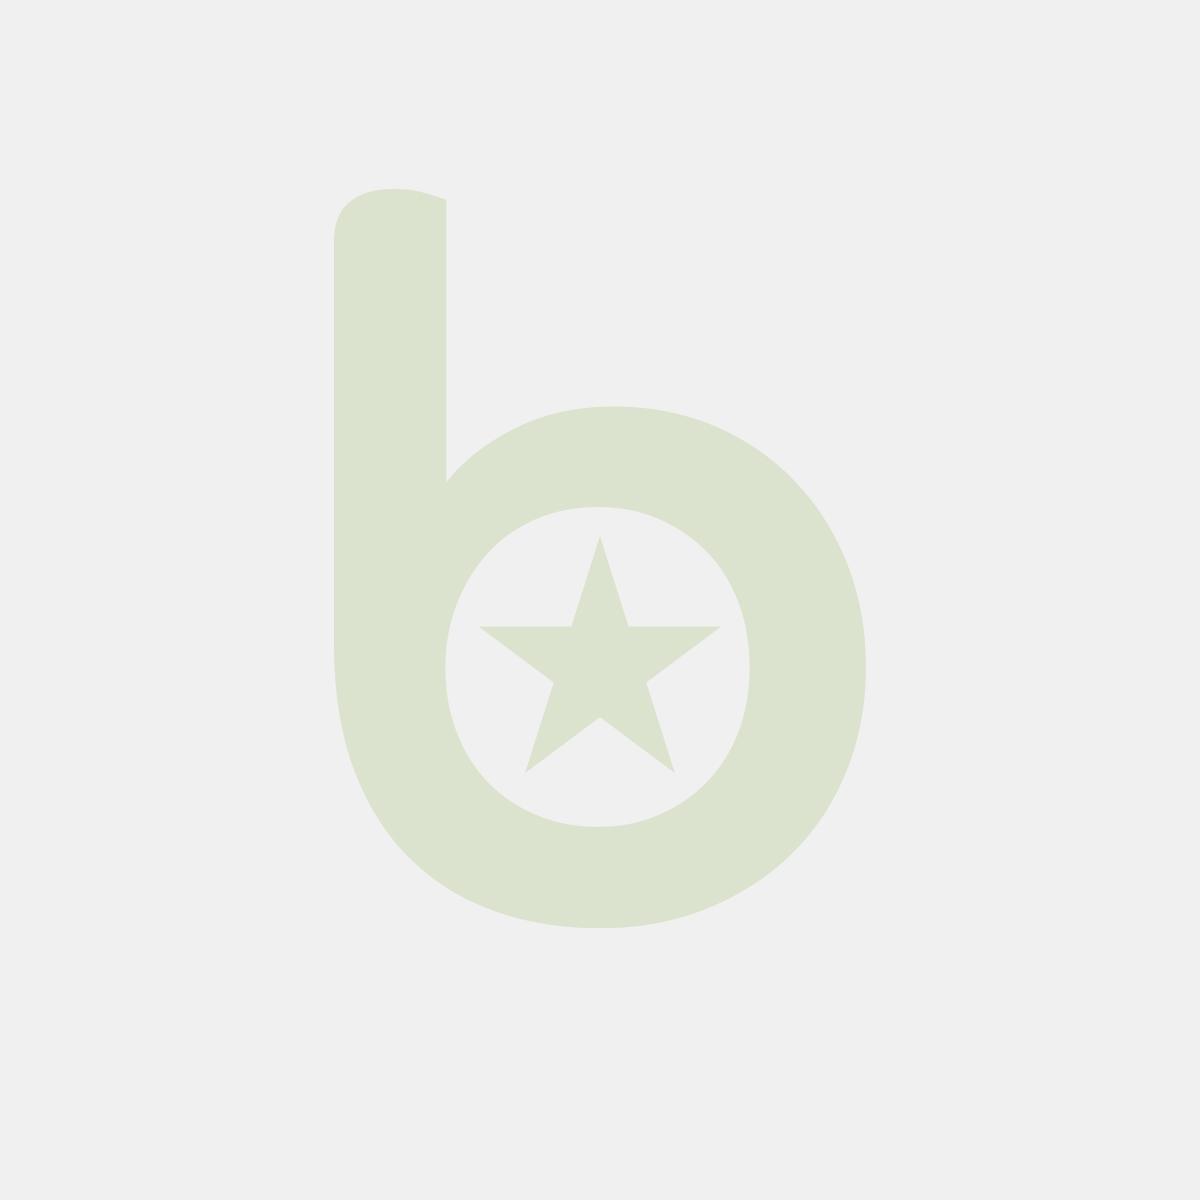 Pokrywka Do Pojemników Gn Z Polipropylenu Gn 1/9